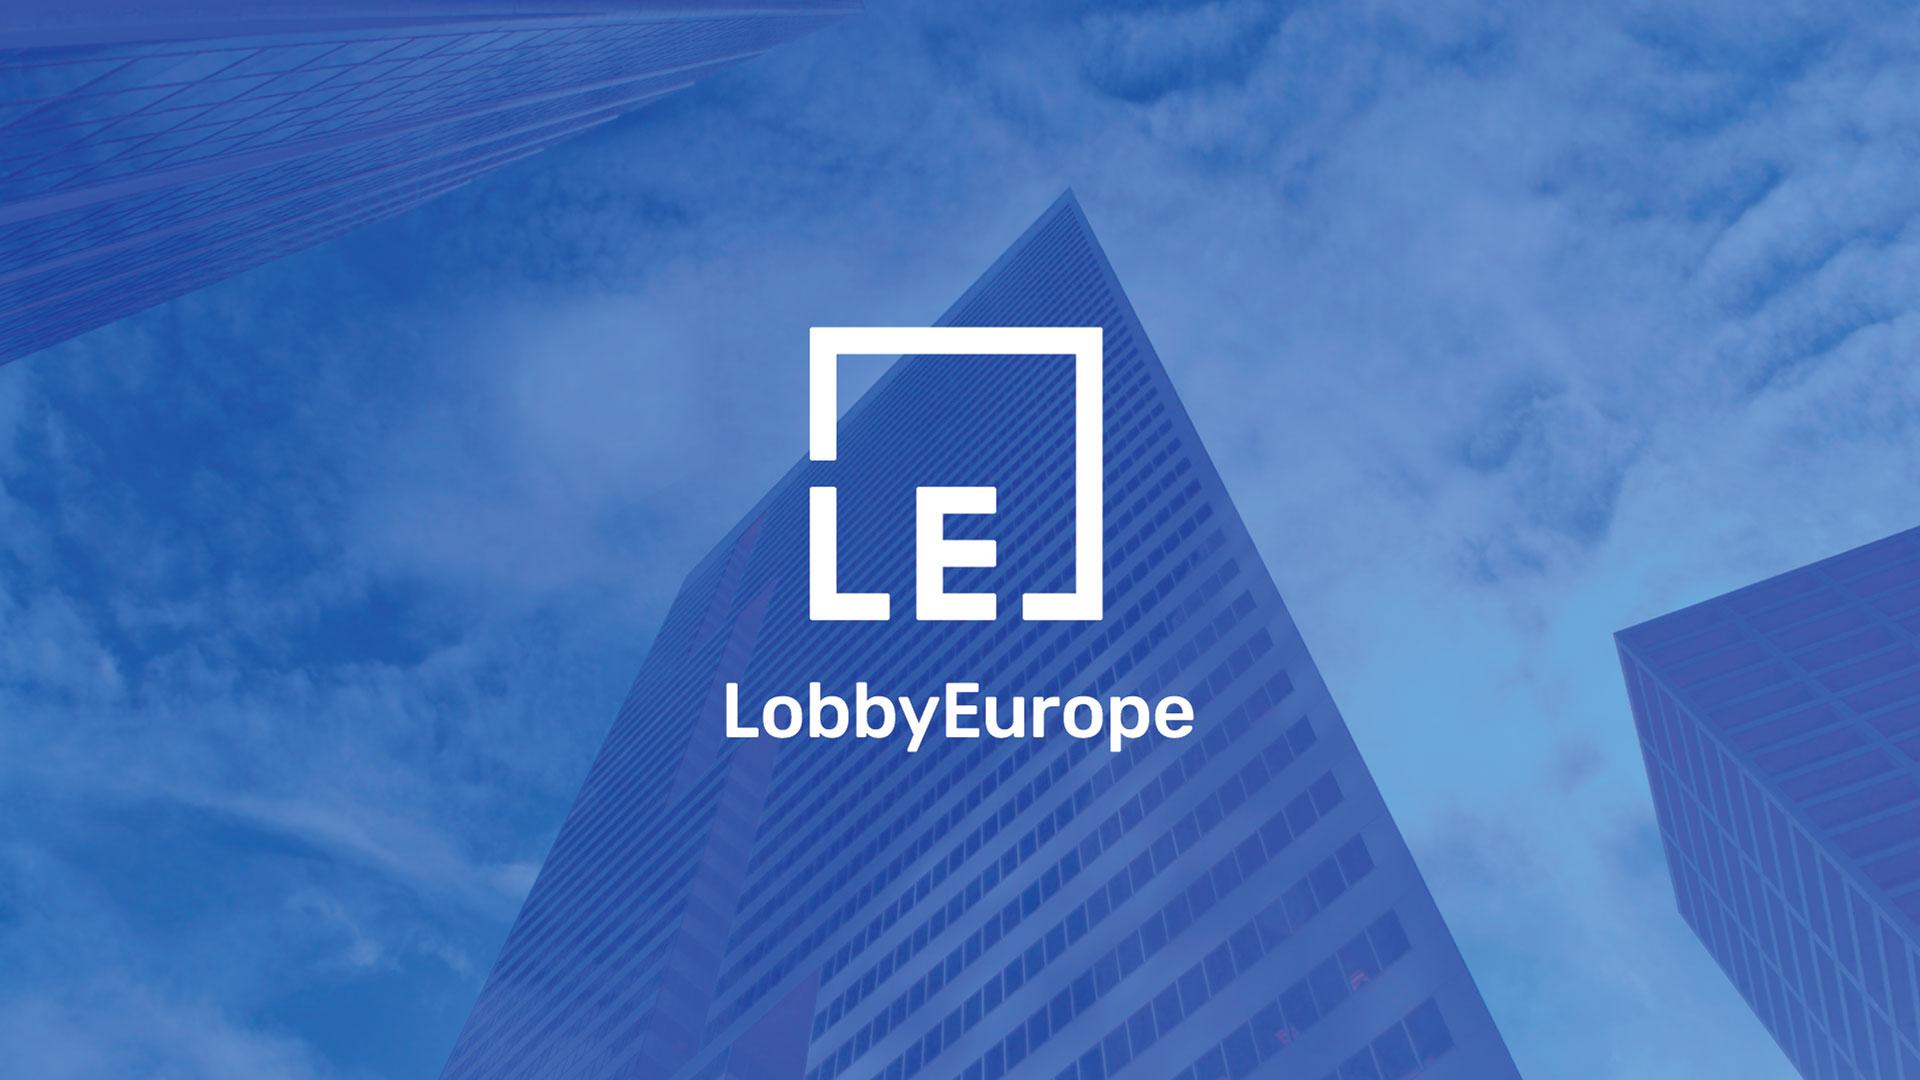 Izrada-logotipa-LobbyEurope-LoboHouse-1